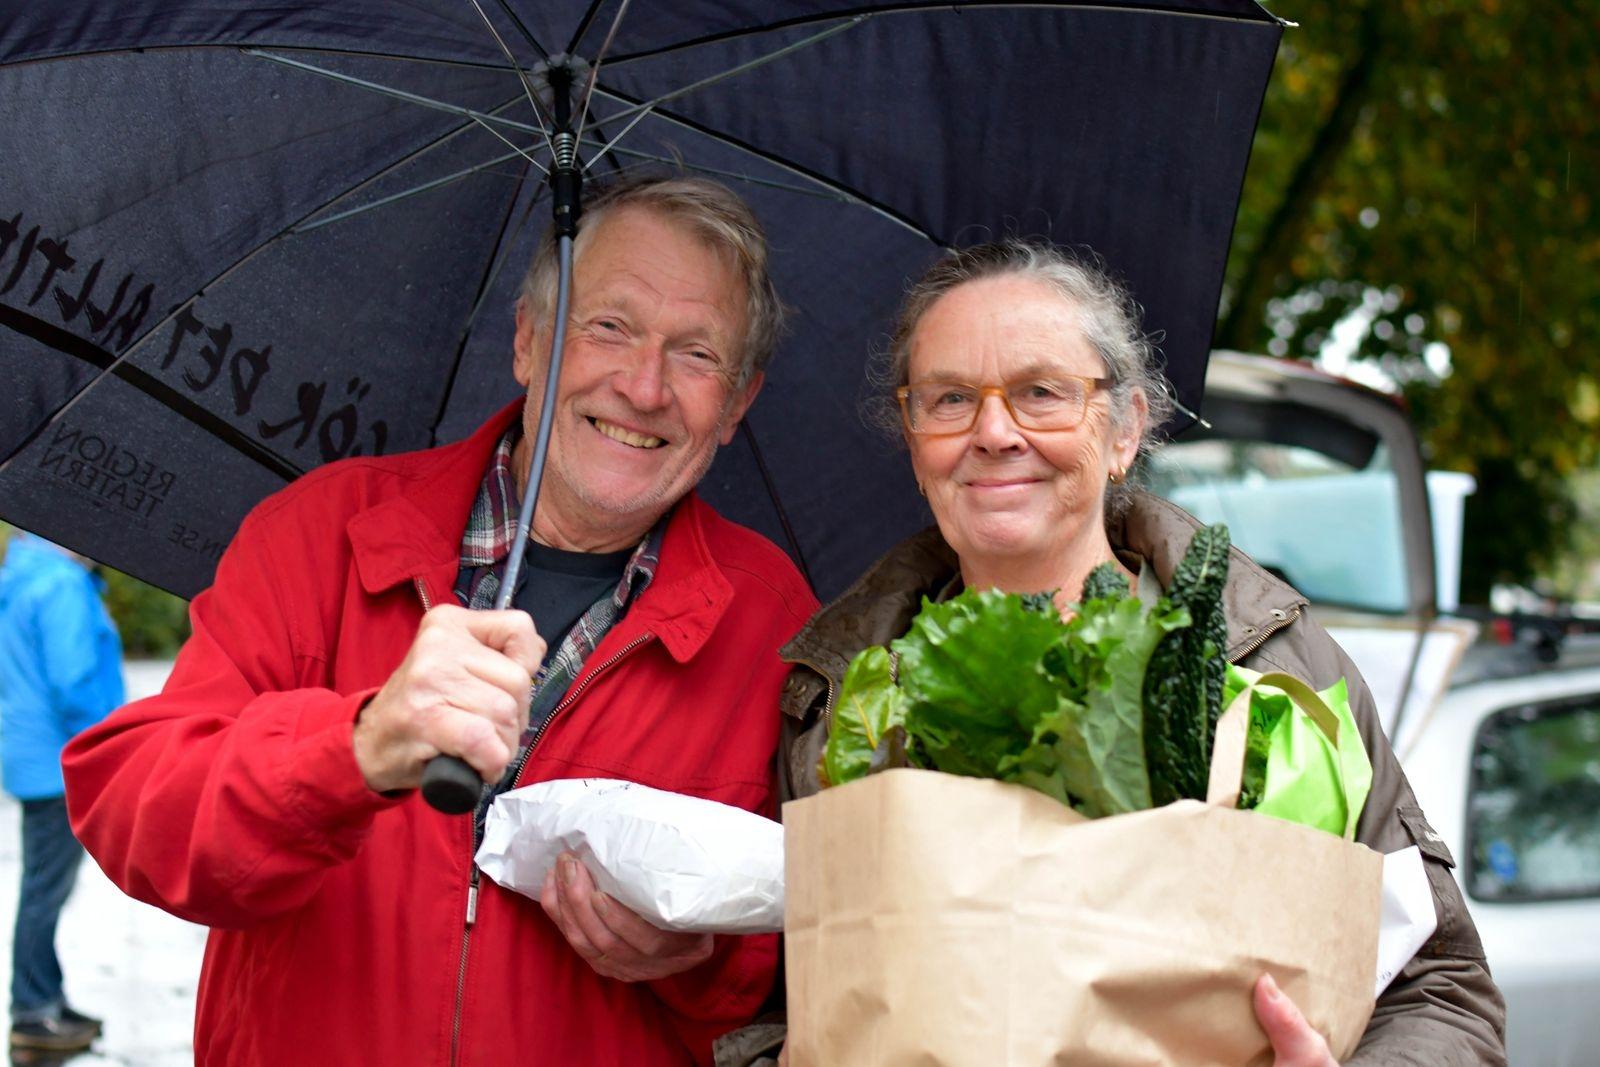 Anders Blomberg och Marie Lindqvist Blomberg är nyligen nerflyttade till Äsperöd från Småland. De besökte Reko-ringen i Tomelilla för första gången förra torsdagen.